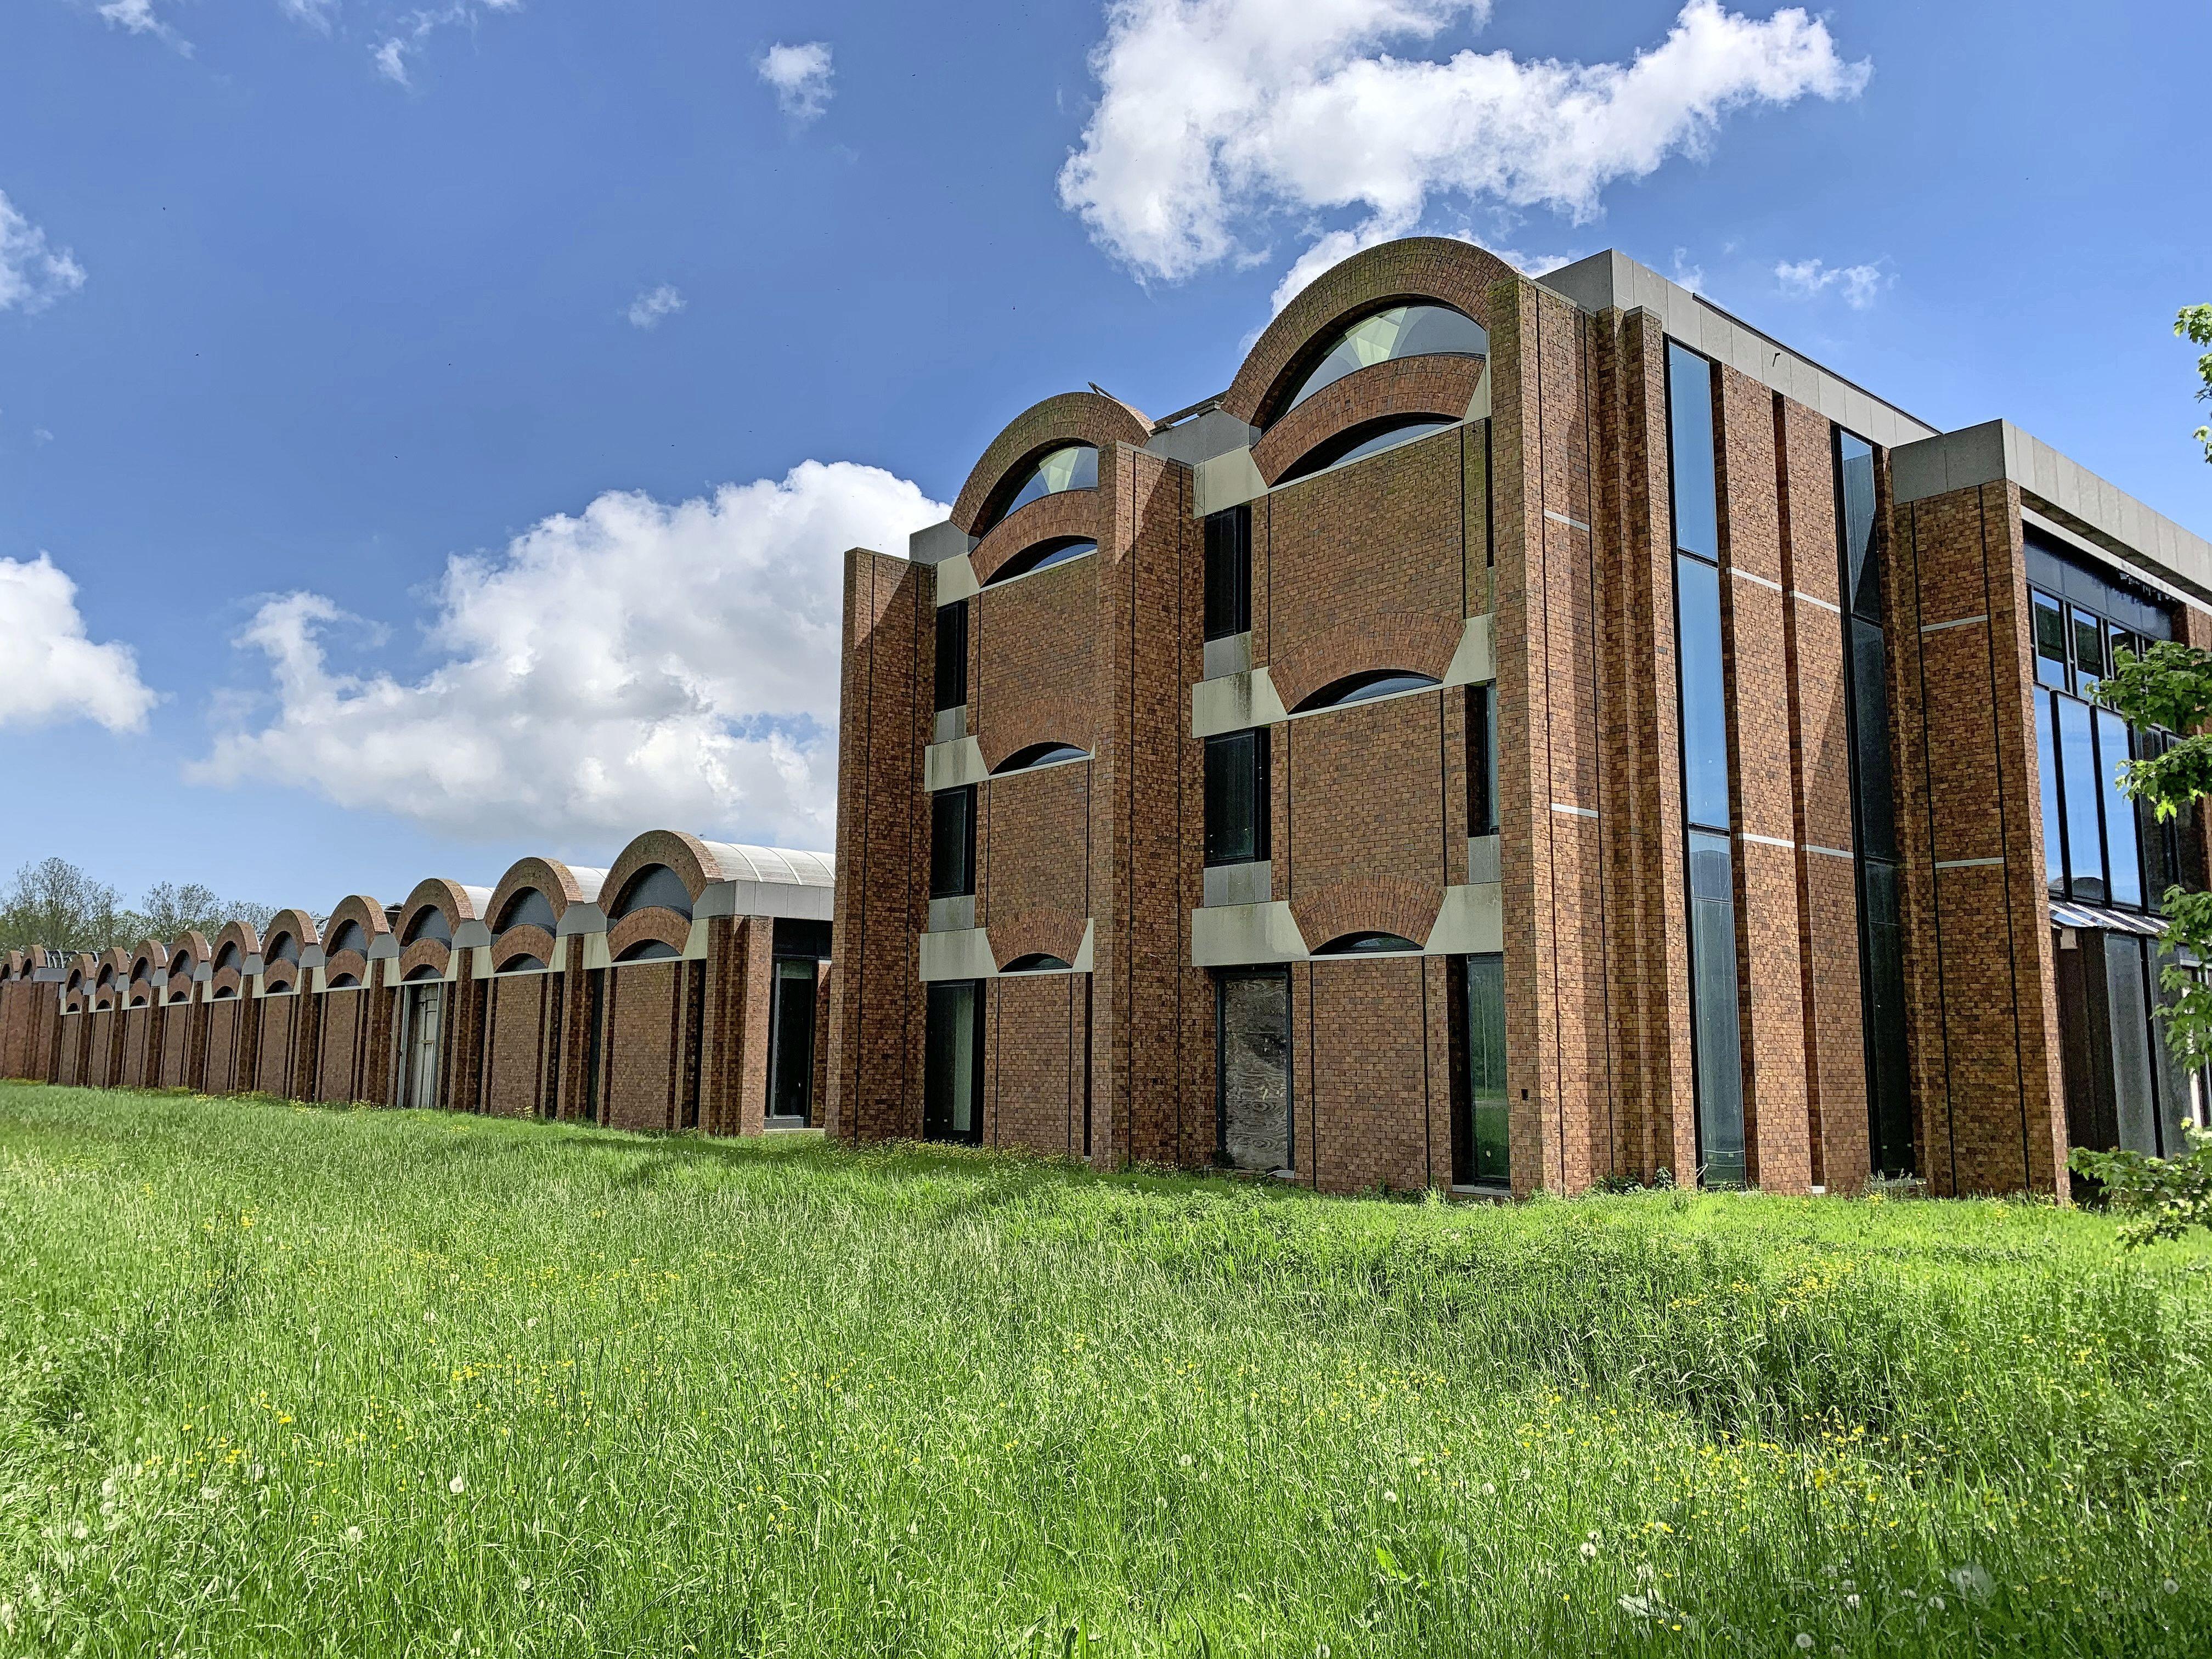 'Betaalbare huurwoningen voor jongeren in Scheringa Museum'. Eigenaar kondigt grootse plannen aan in centrum Opmeer